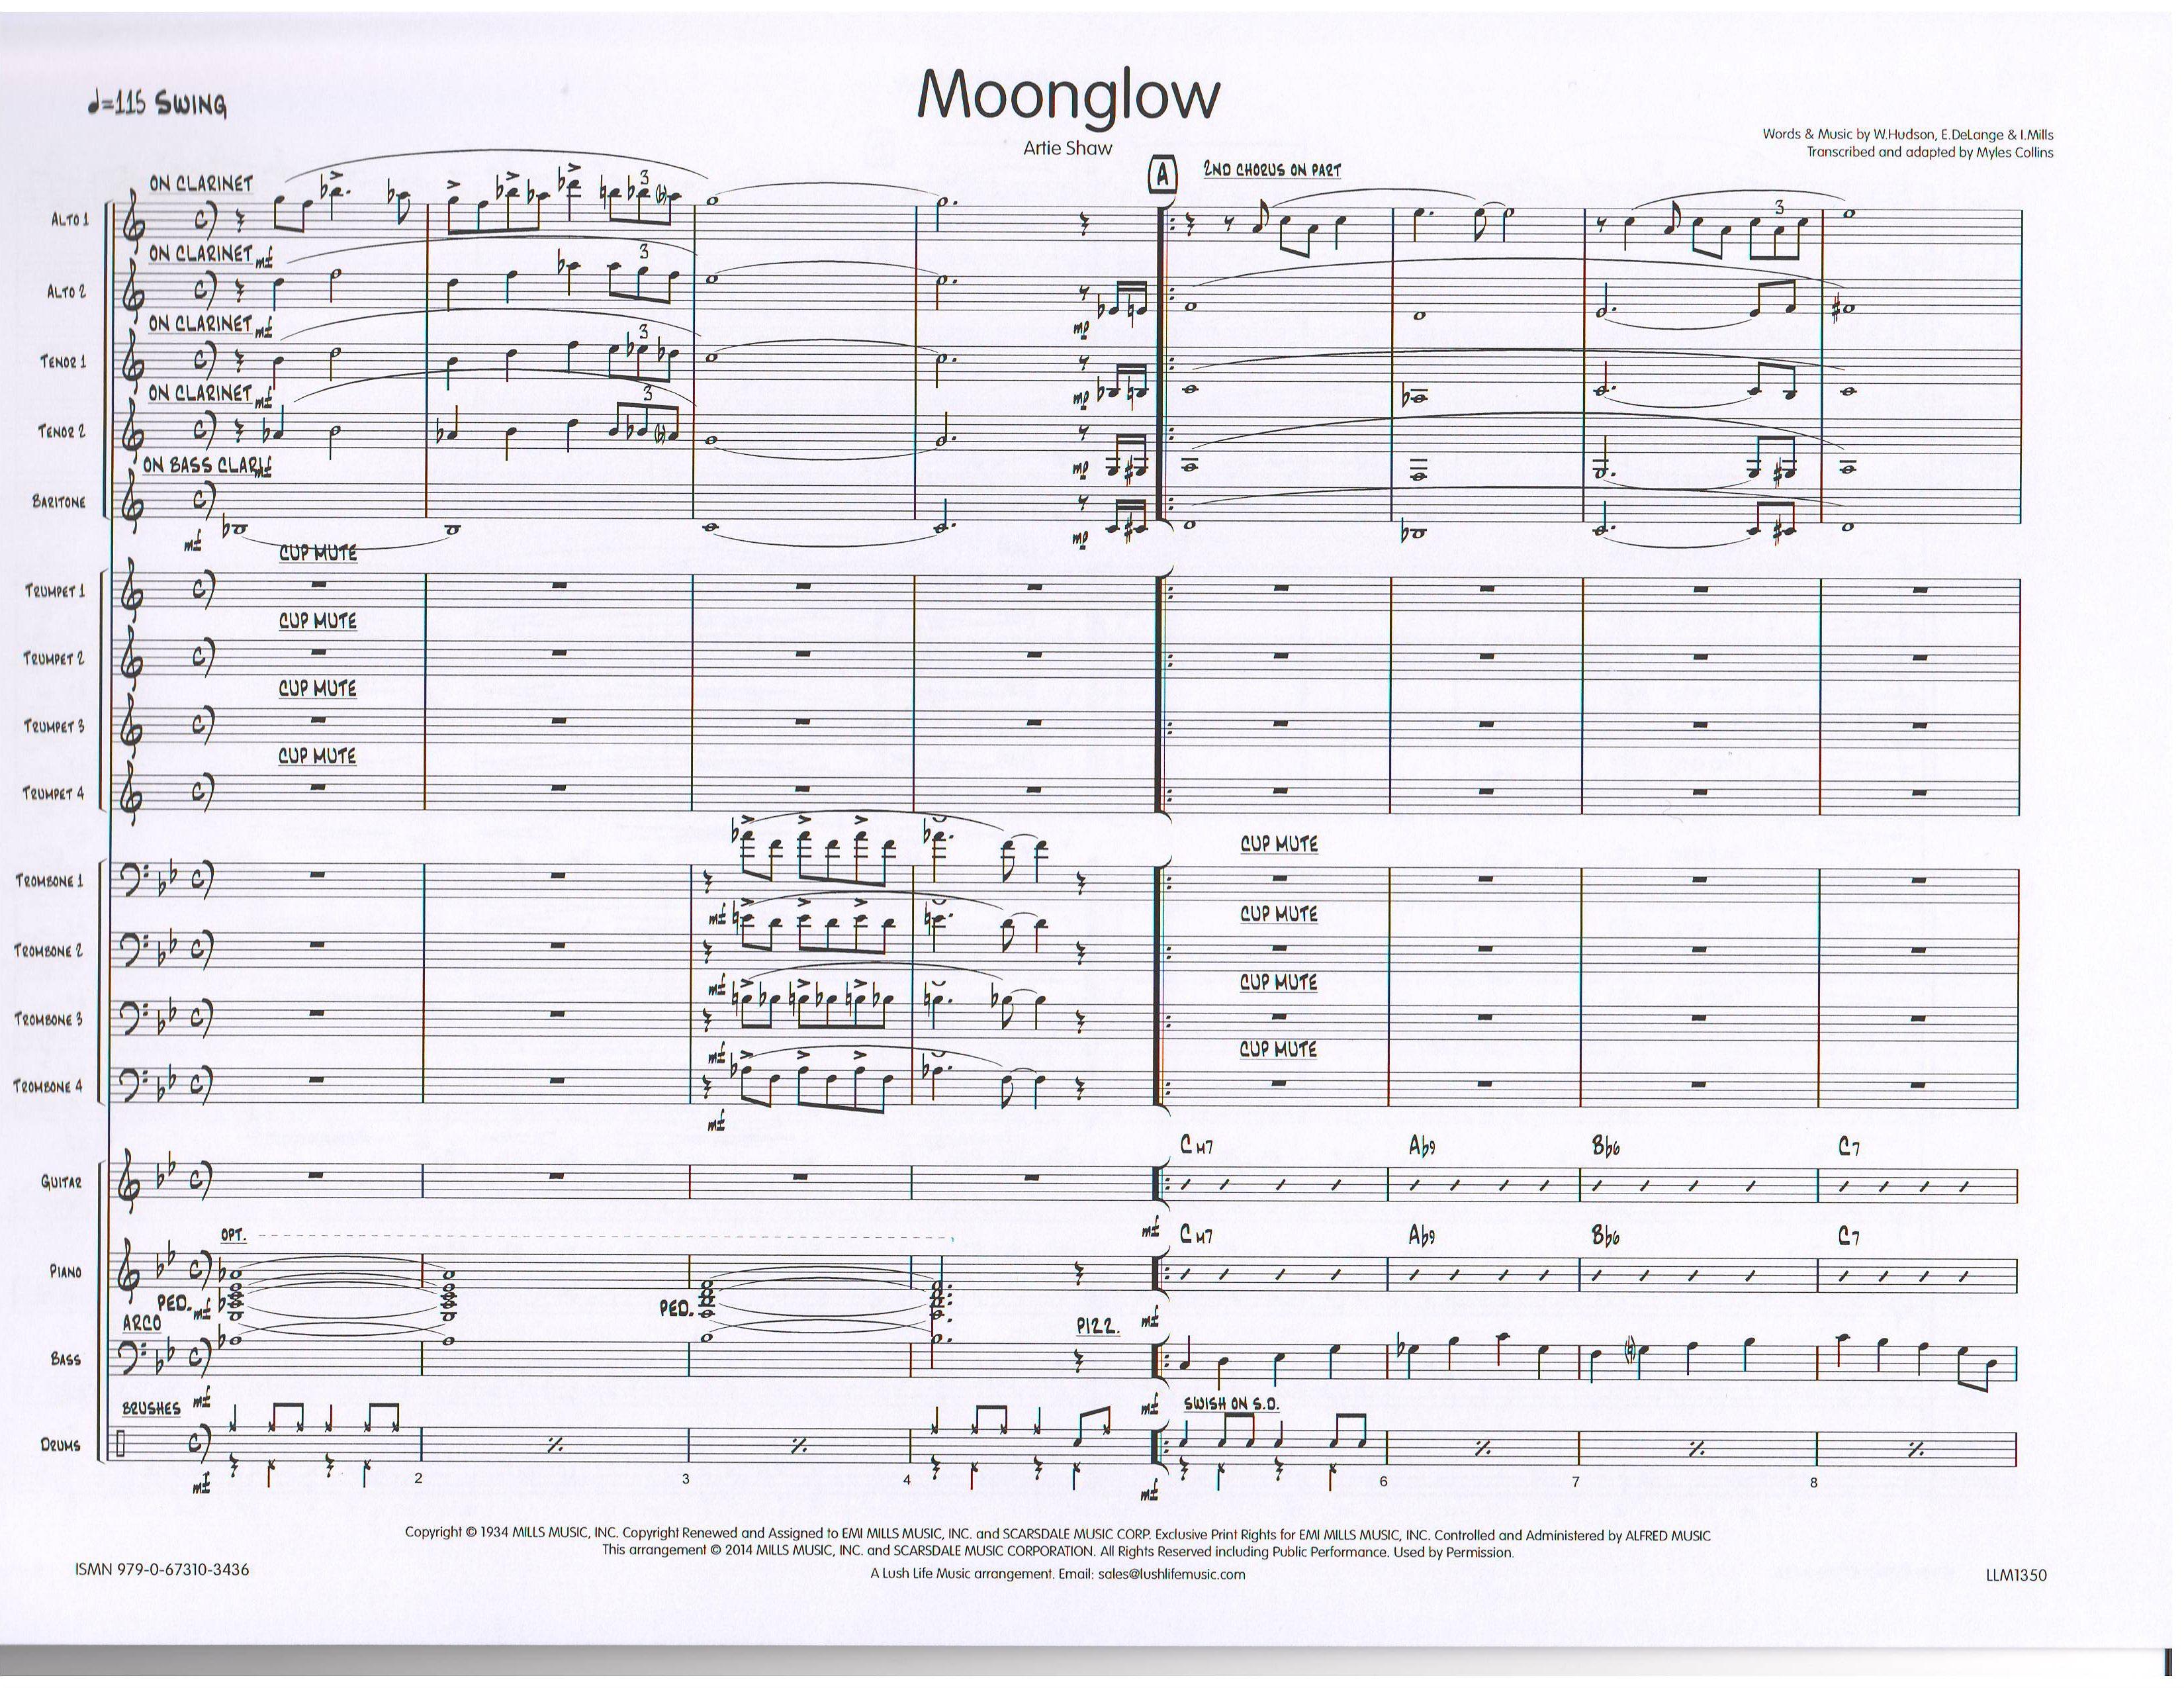 MOONGLOW - Big Band Era Transcriptions, Jazz Ensemble (Big Band